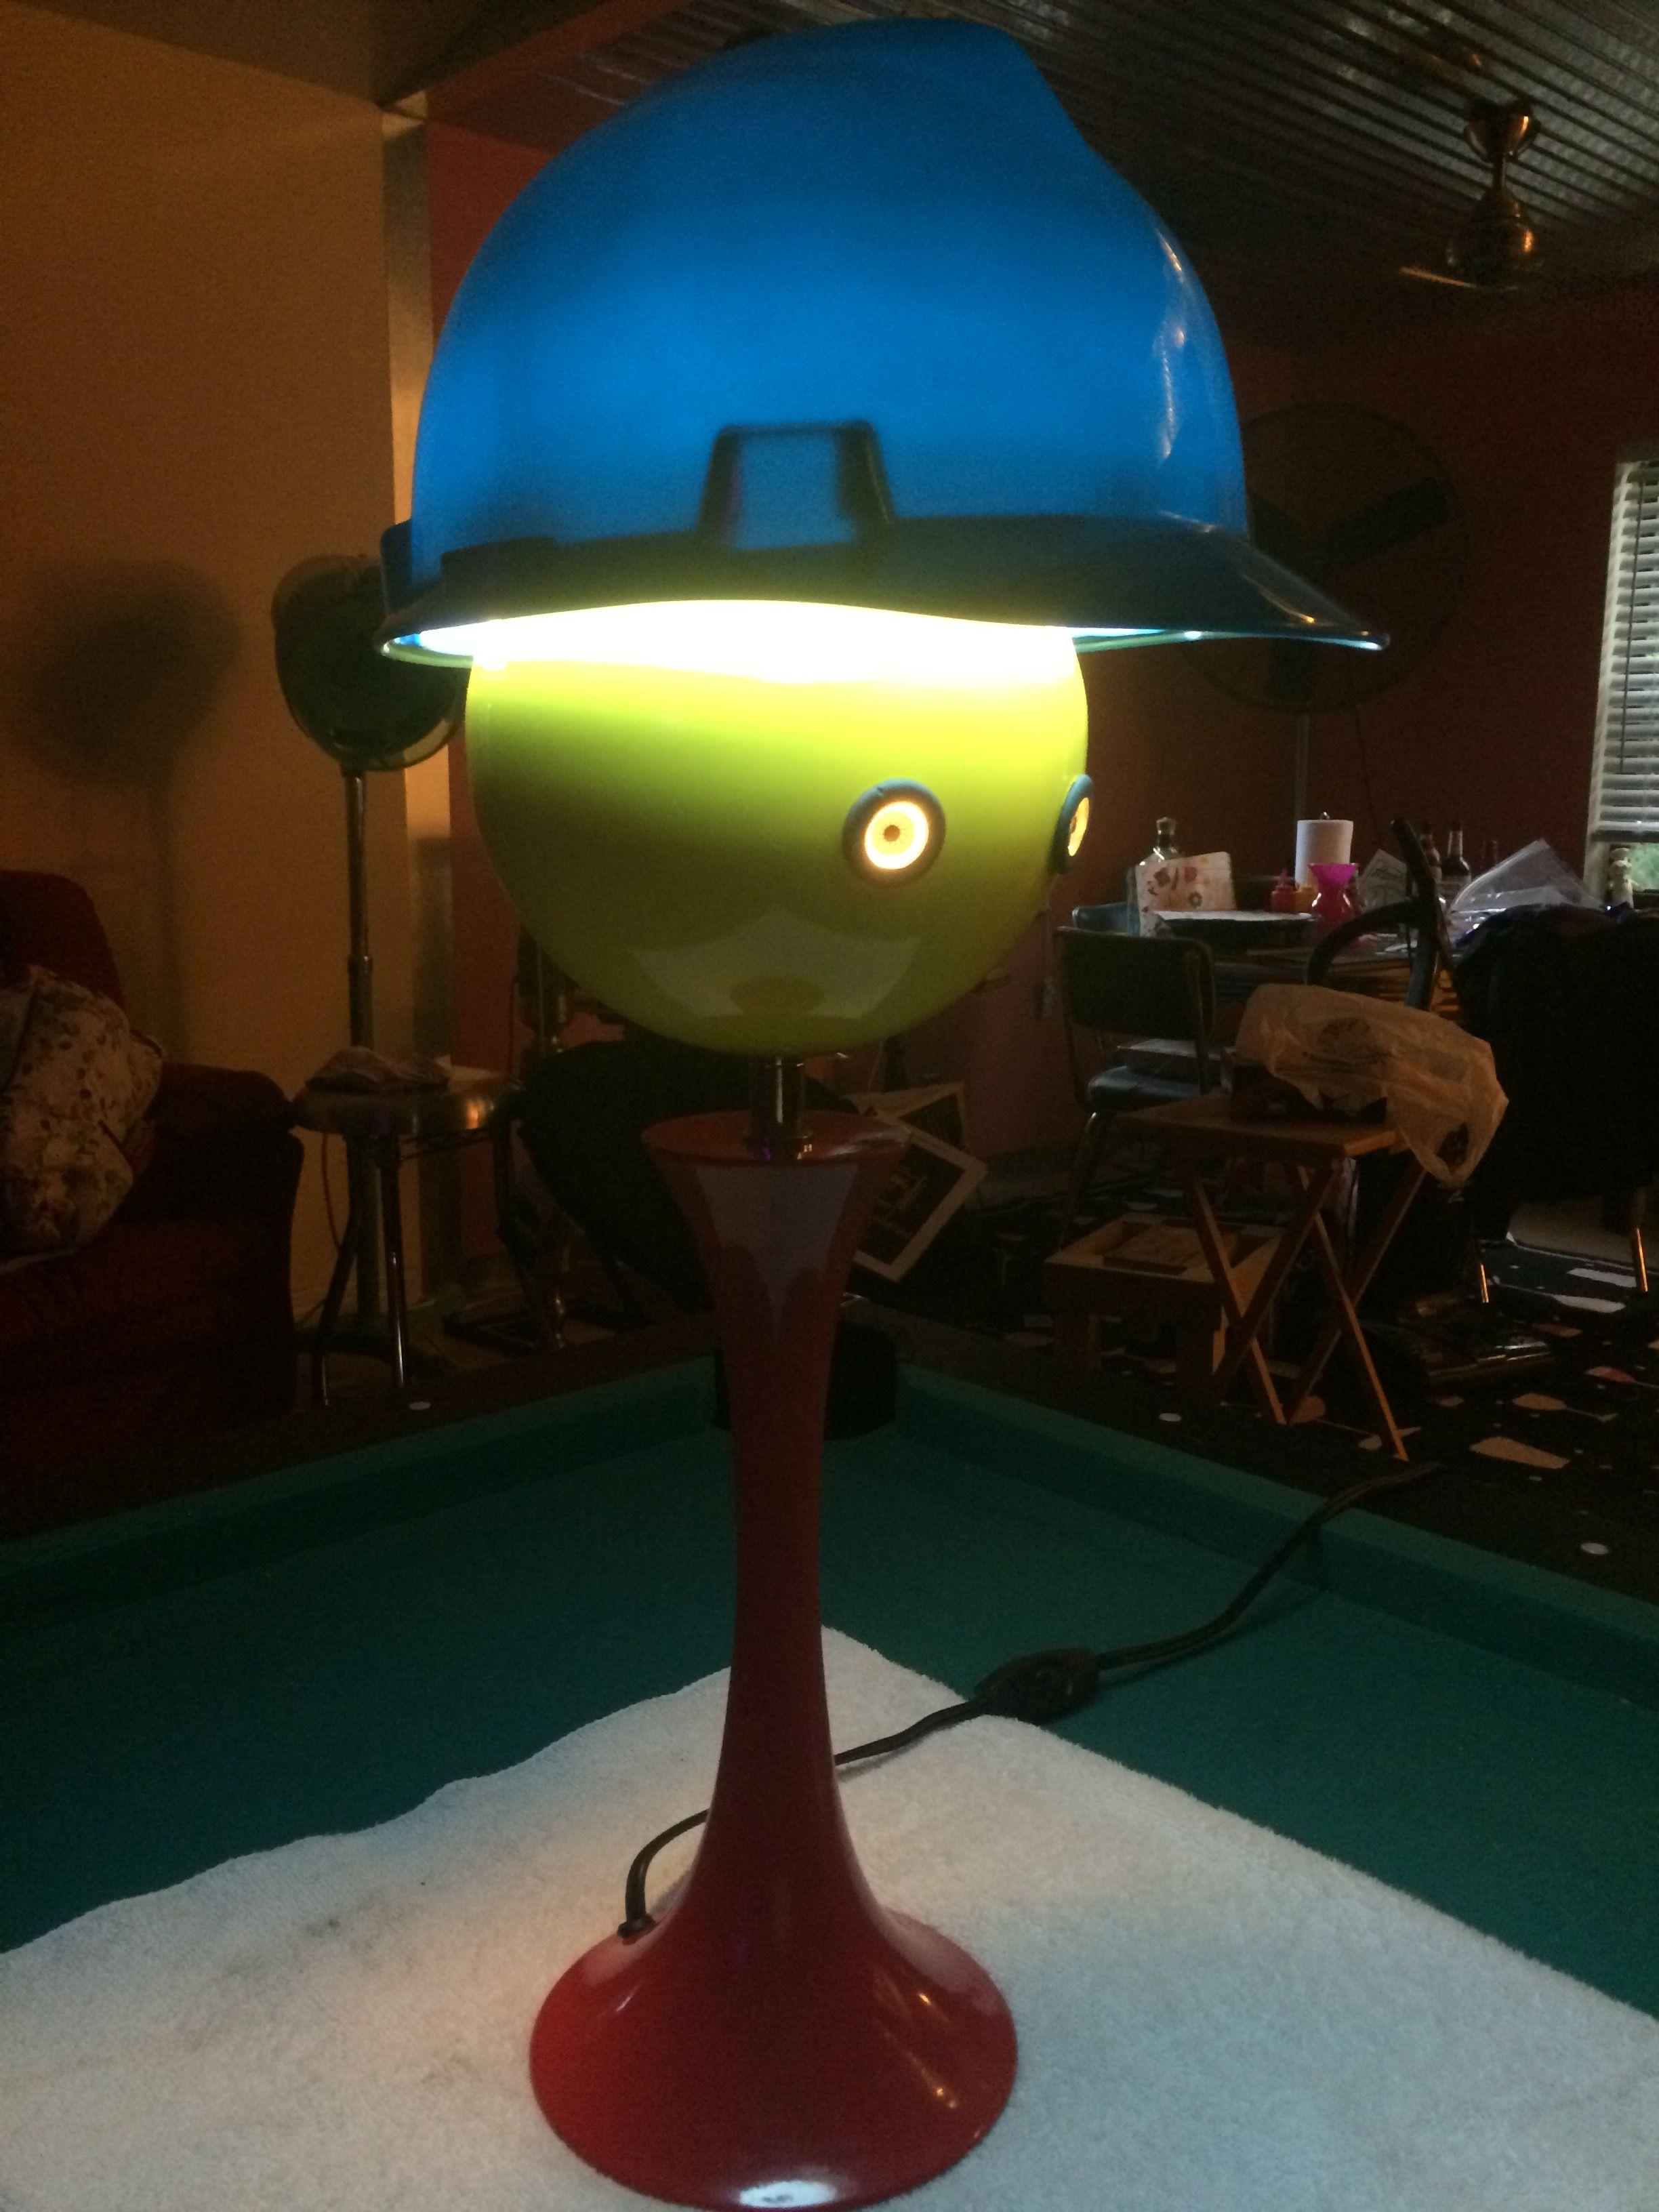 For light work hardhat area lamp novelty lamp light